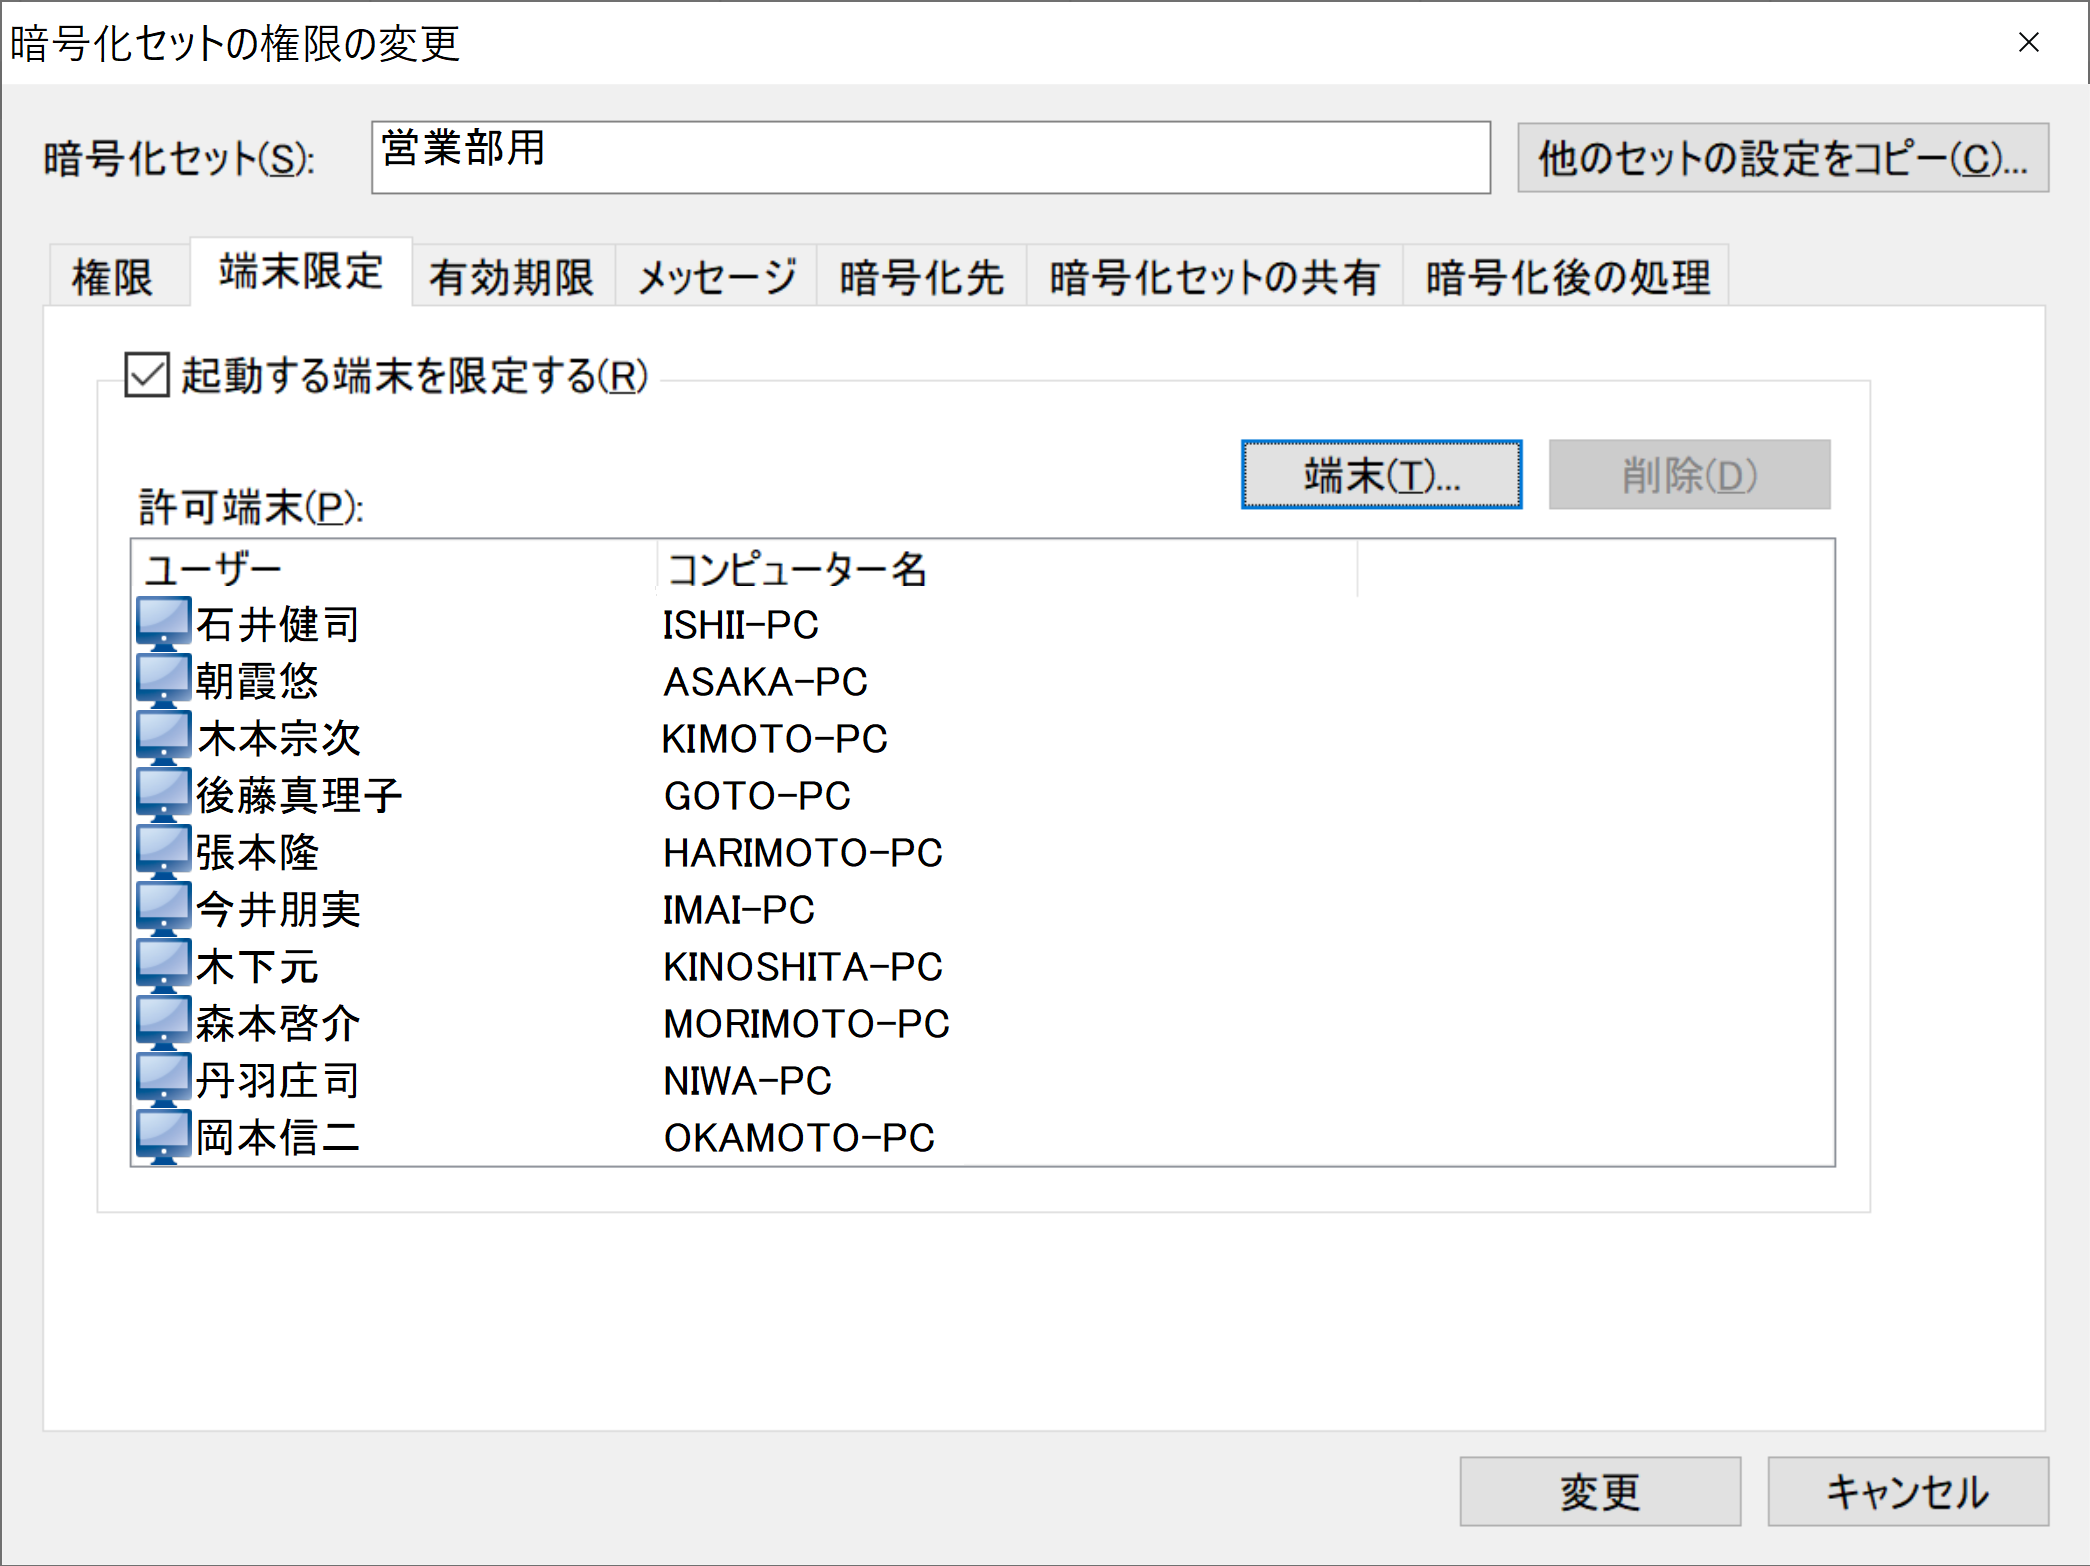 特定の端末以外のファイル利用を禁止に